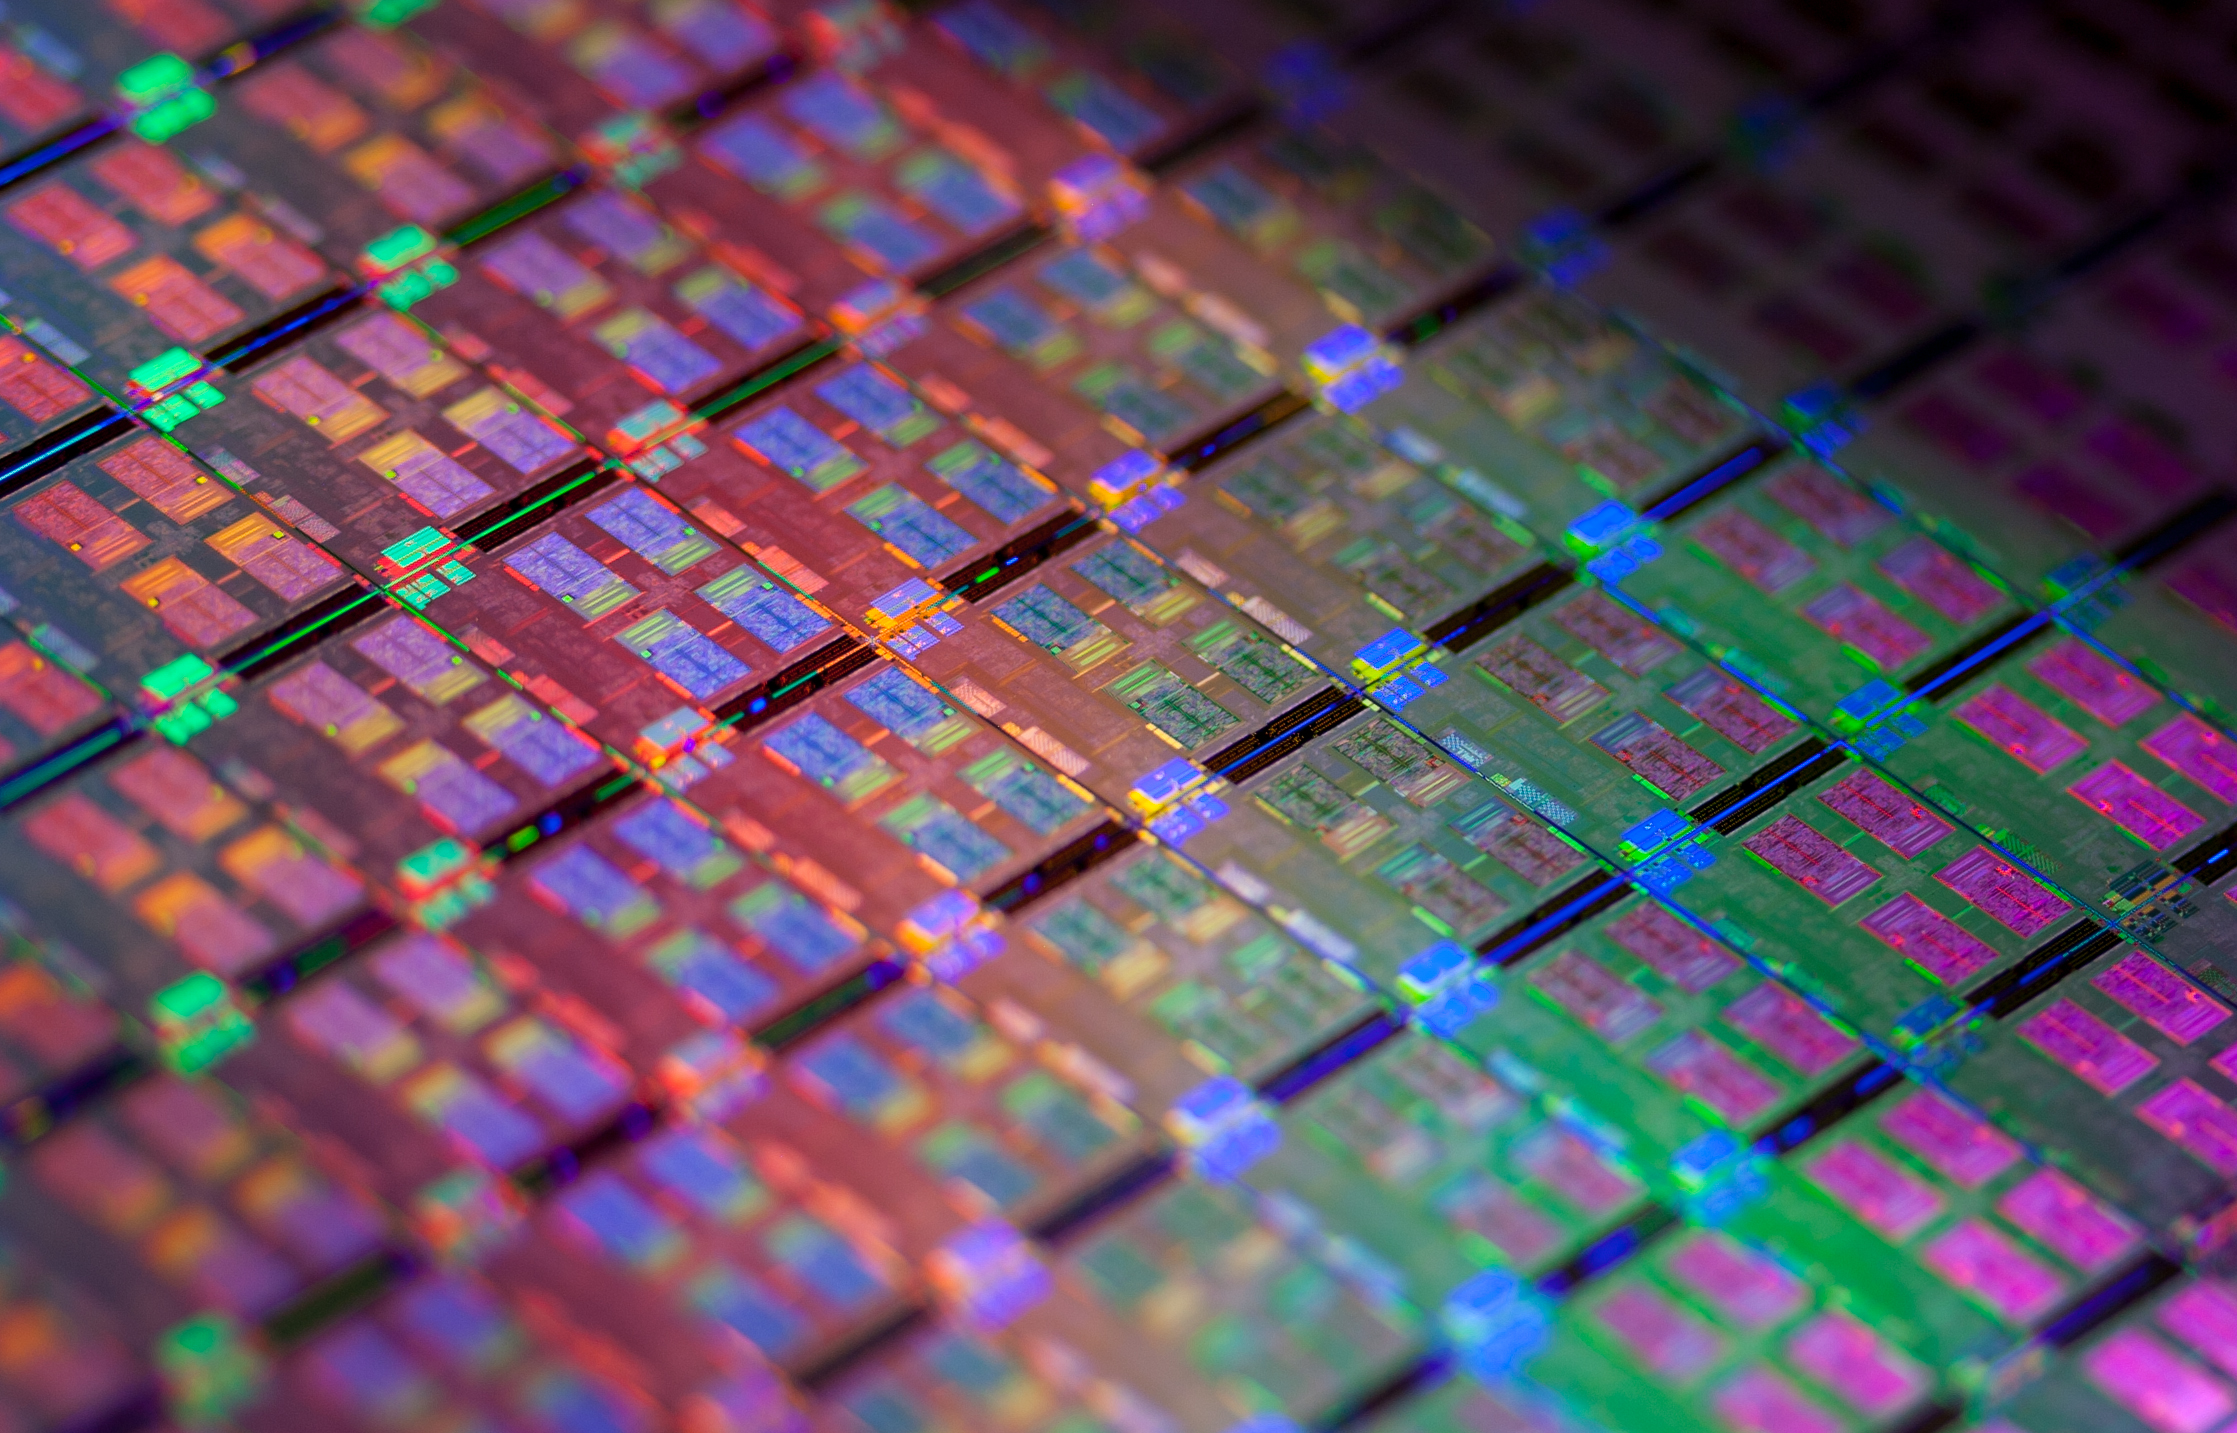 Intel ra mắt Kaby Lake, bộ xử lý Intel Core thế hệ 7